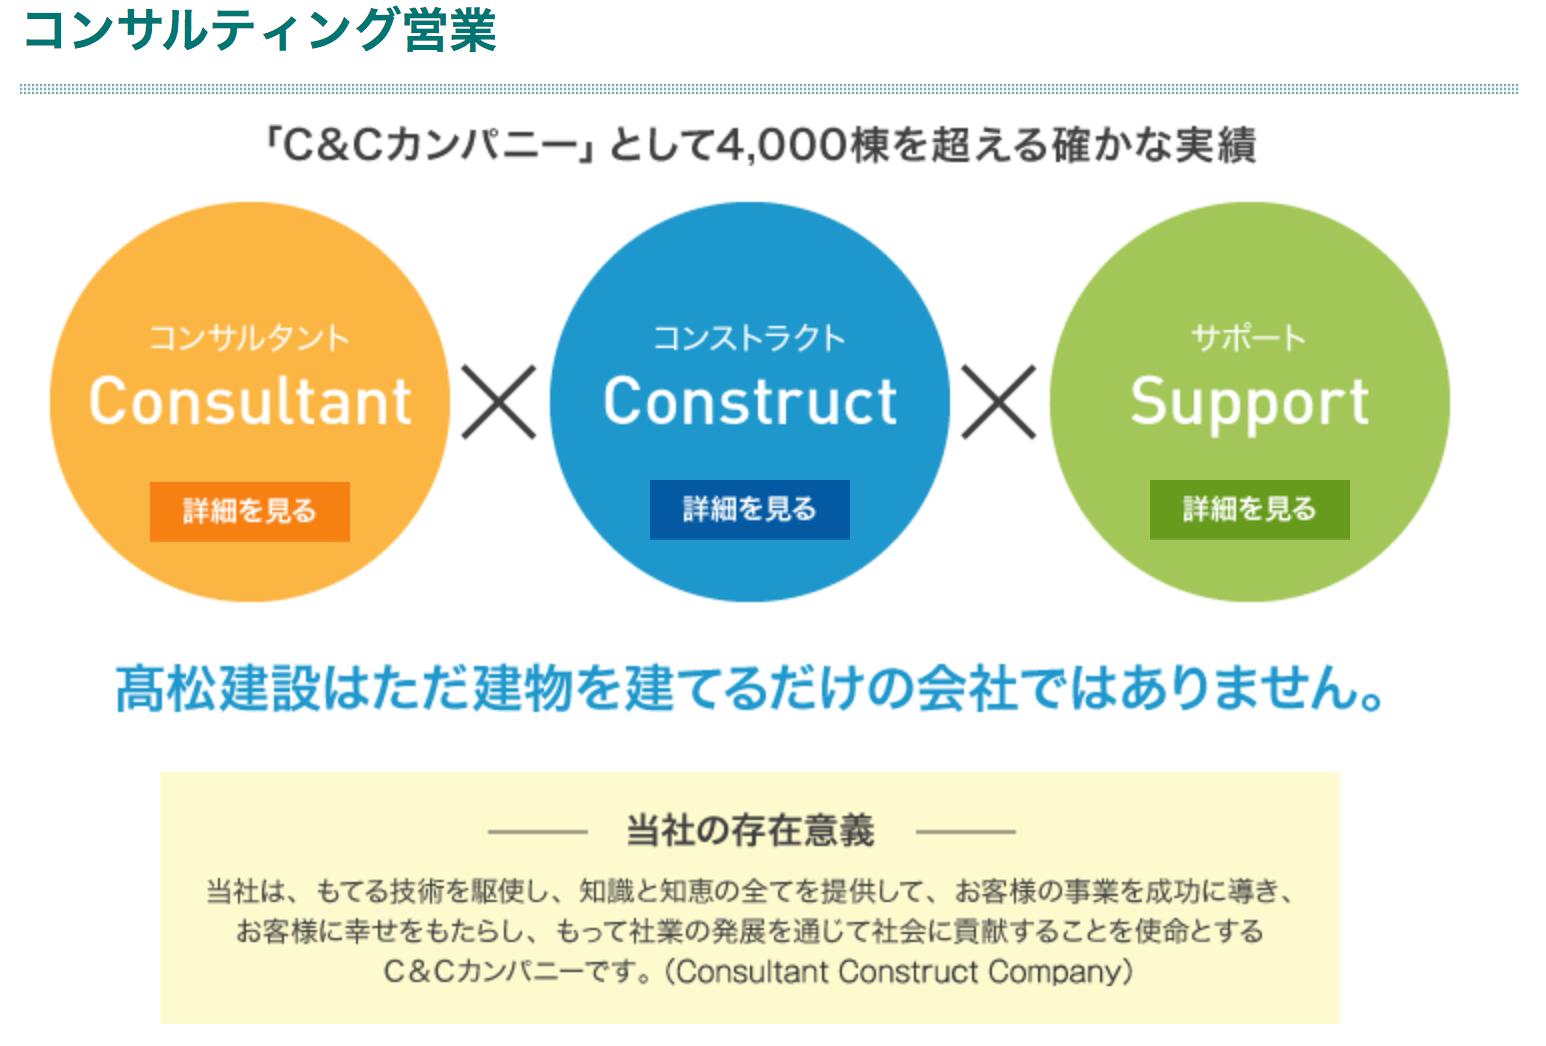 高松建設のコンサルティング営業